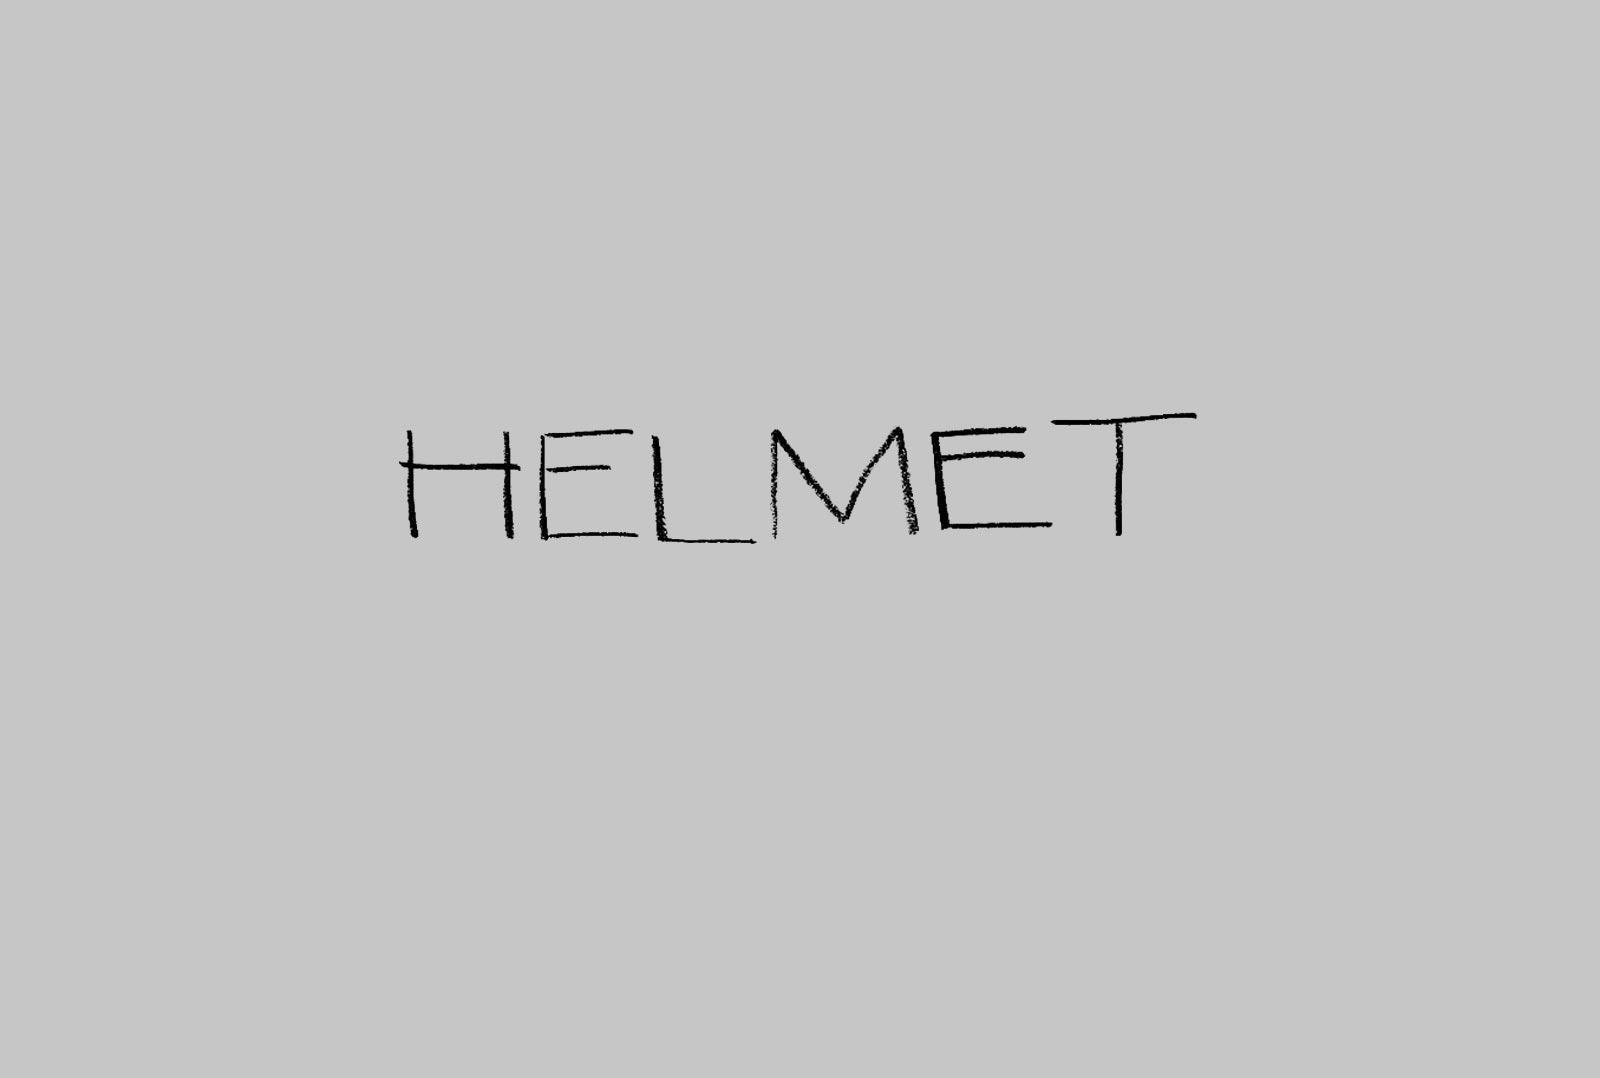 helmet_n